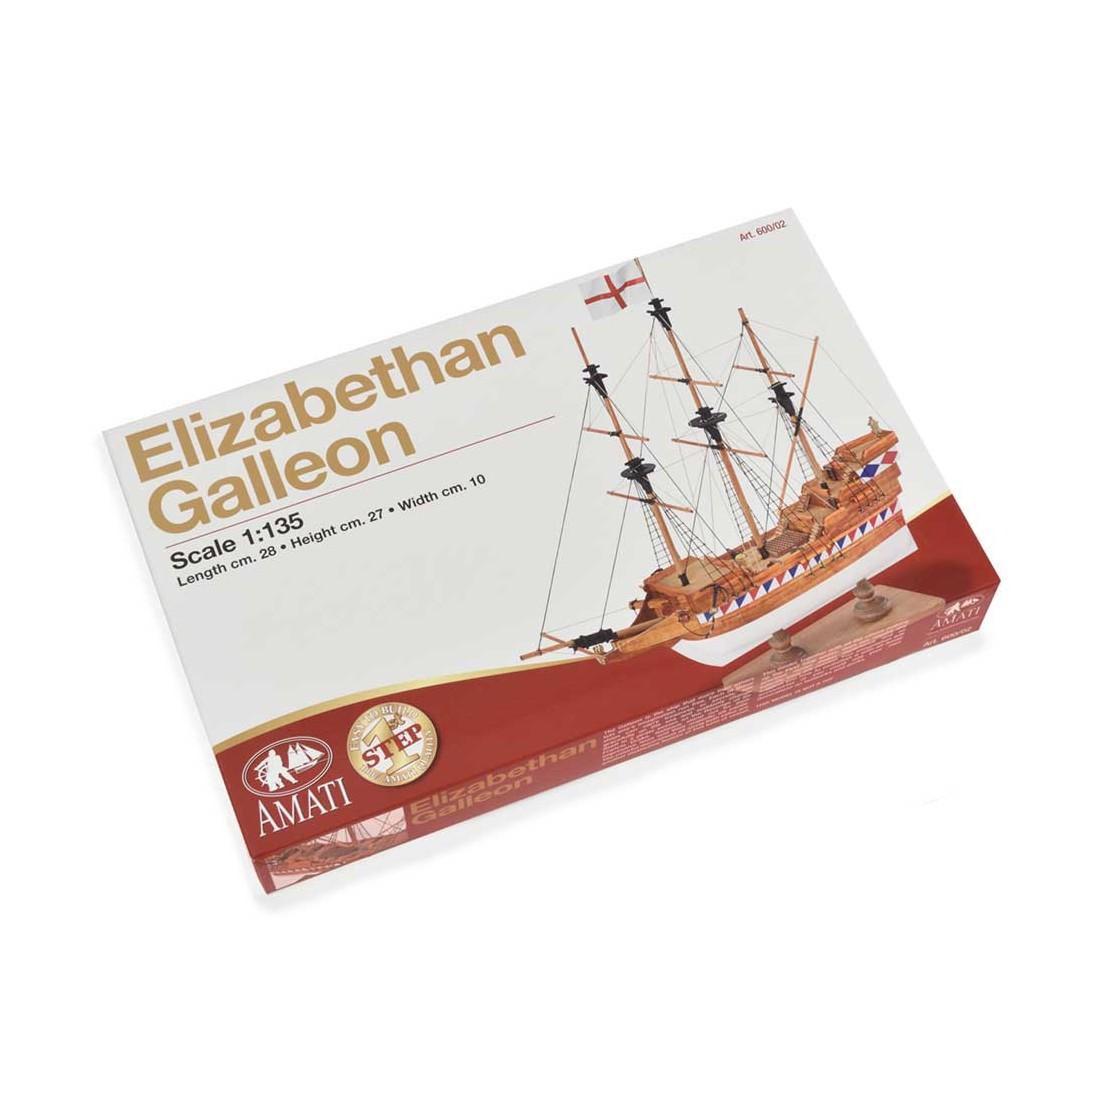 Elizabethan Galleon - First Step